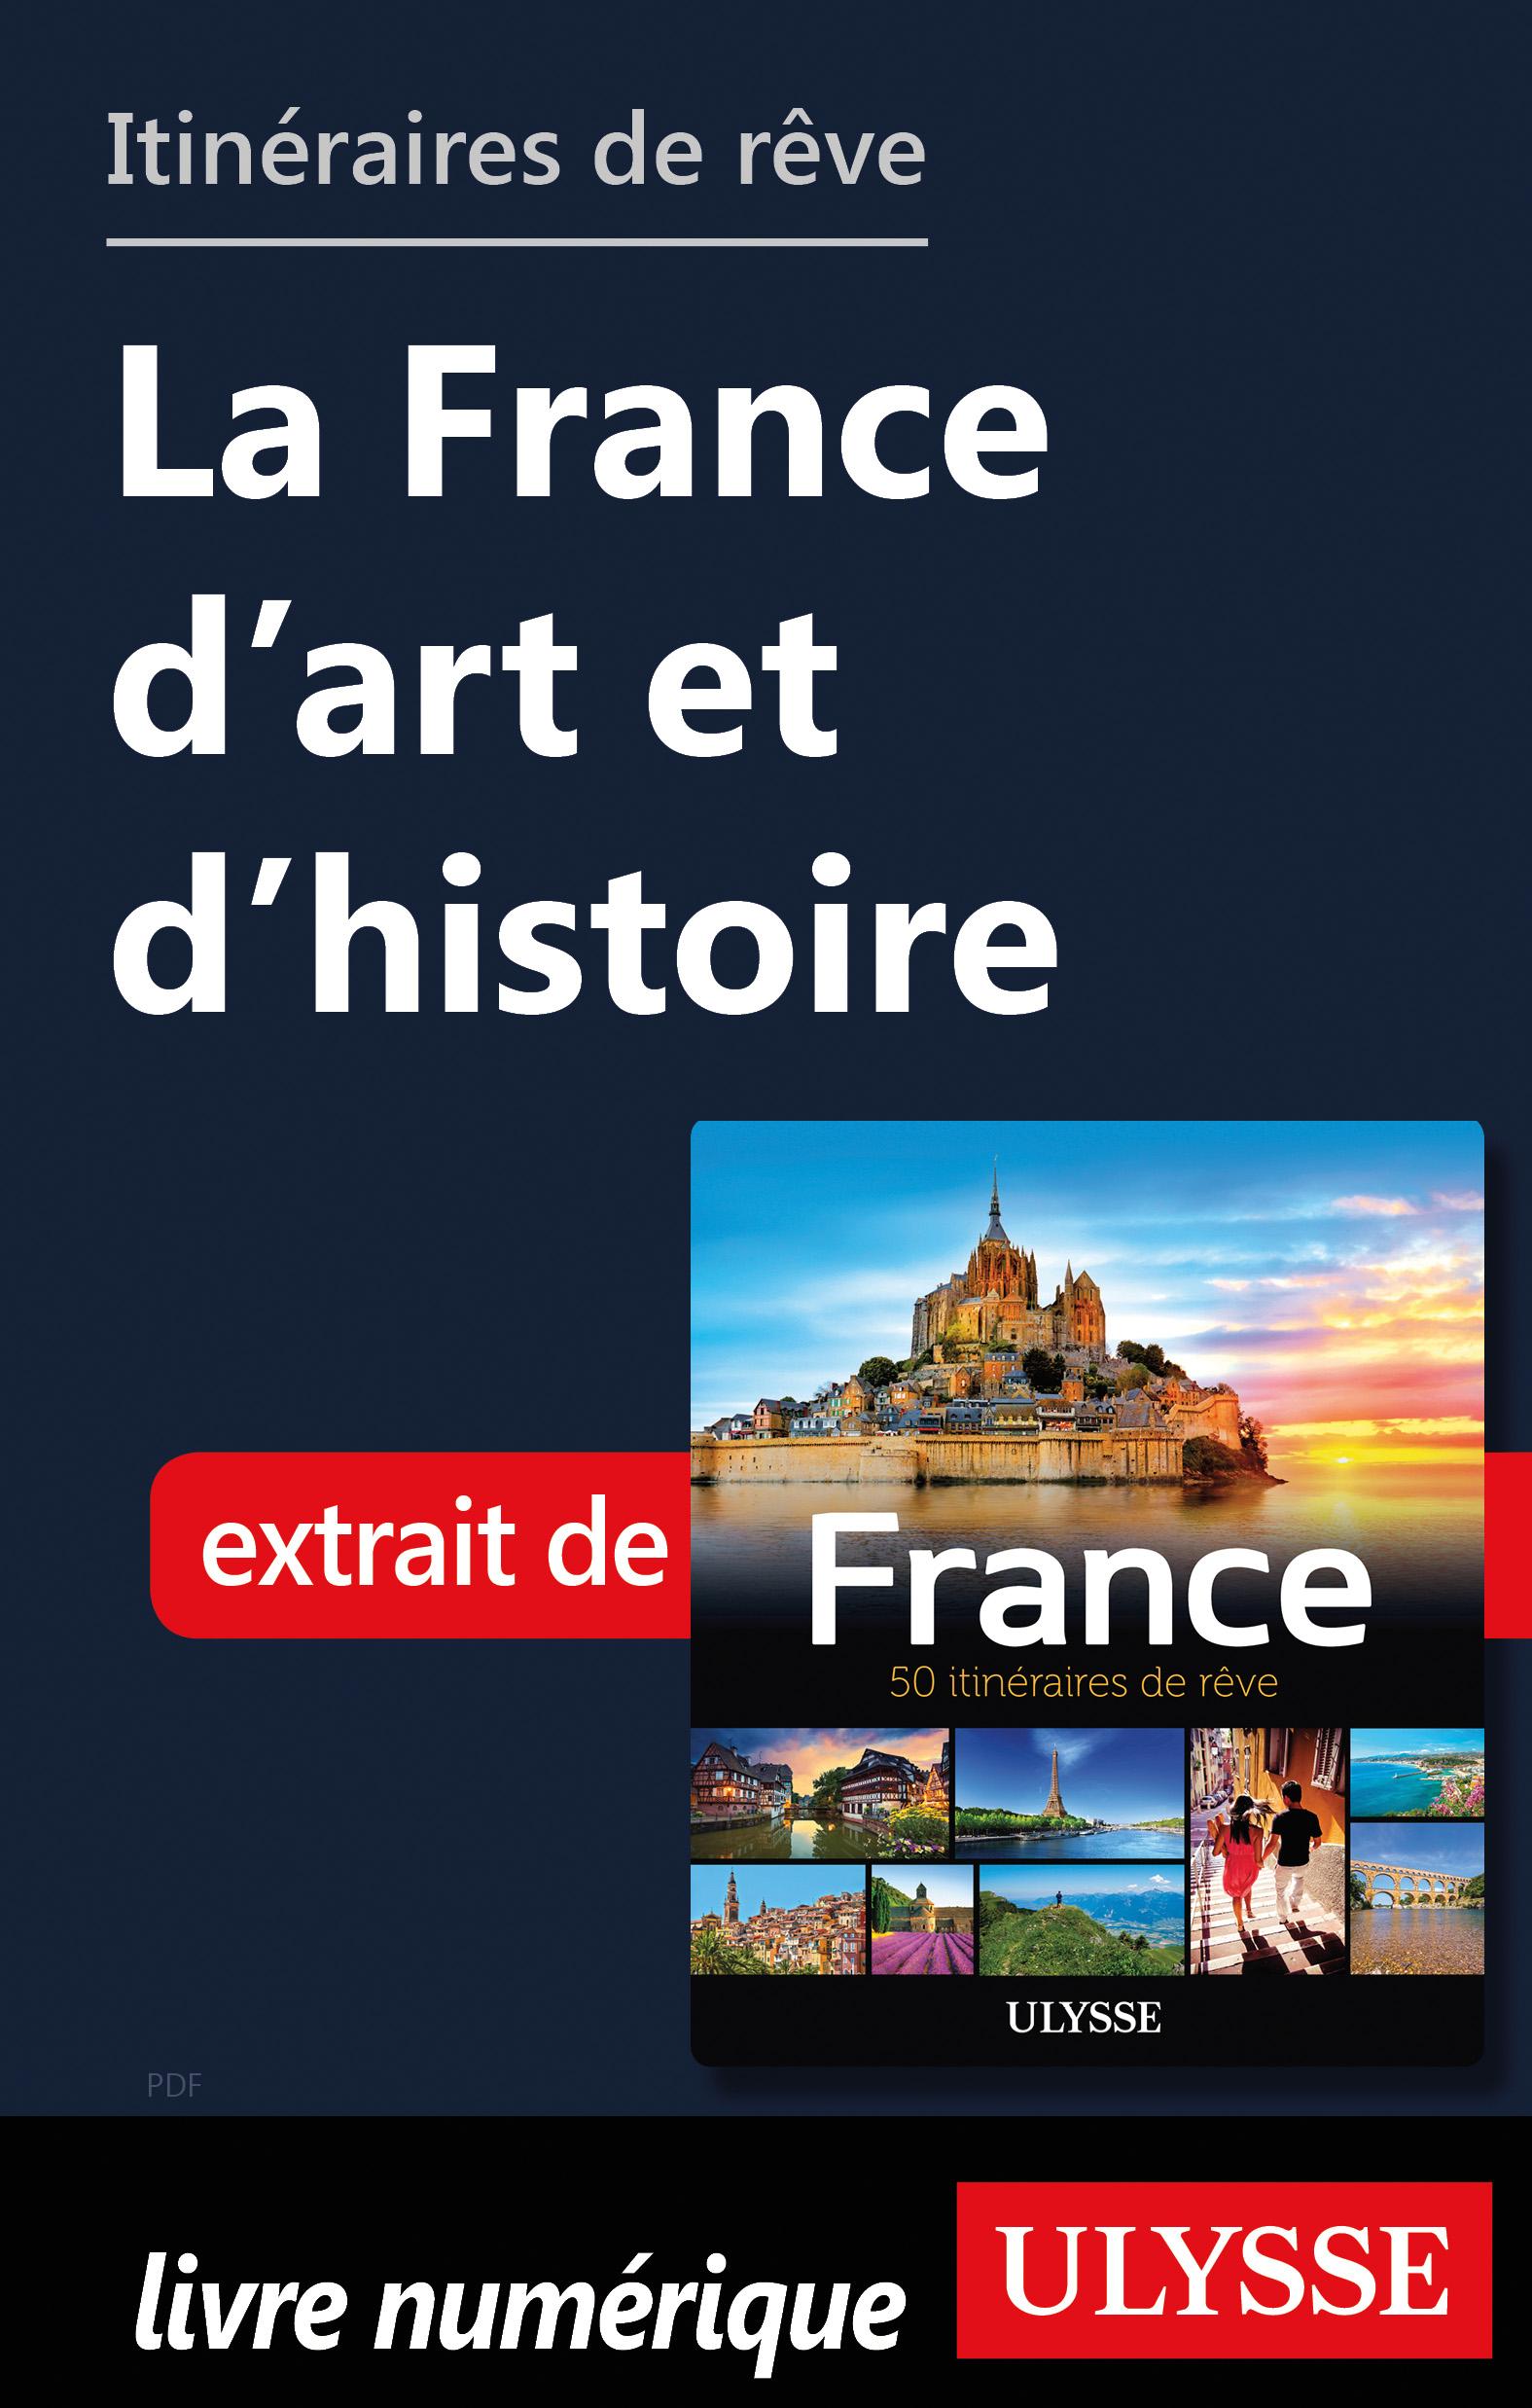 Itinéraires de rêve - La France d'art et d'histoire